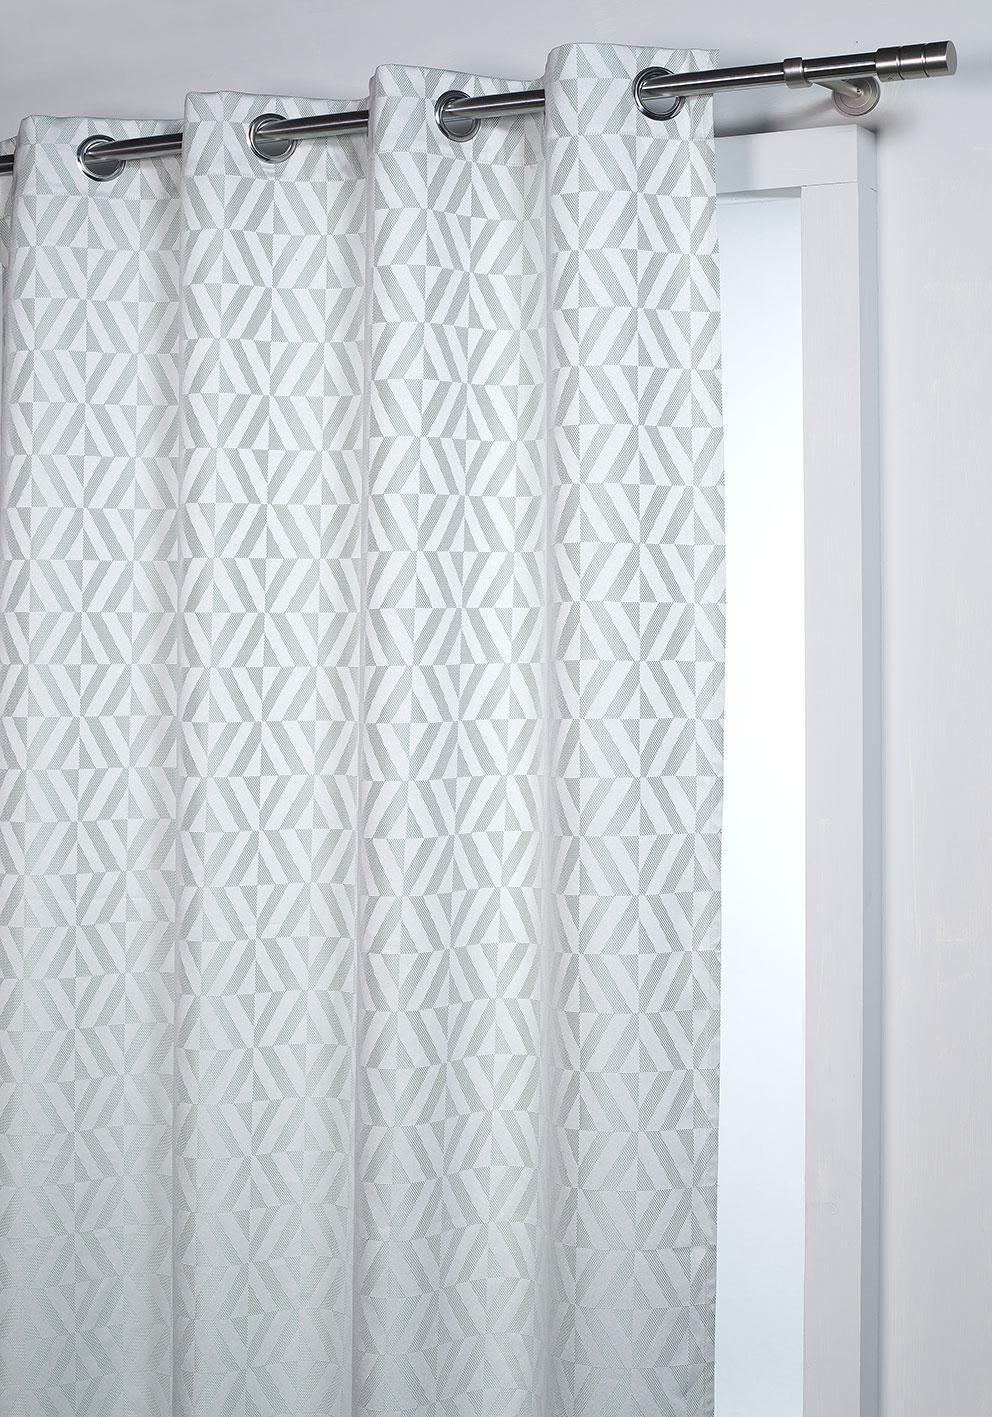 rideau d ameublement formes g om triques aqua homemaison vente en ligne rideaux. Black Bedroom Furniture Sets. Home Design Ideas